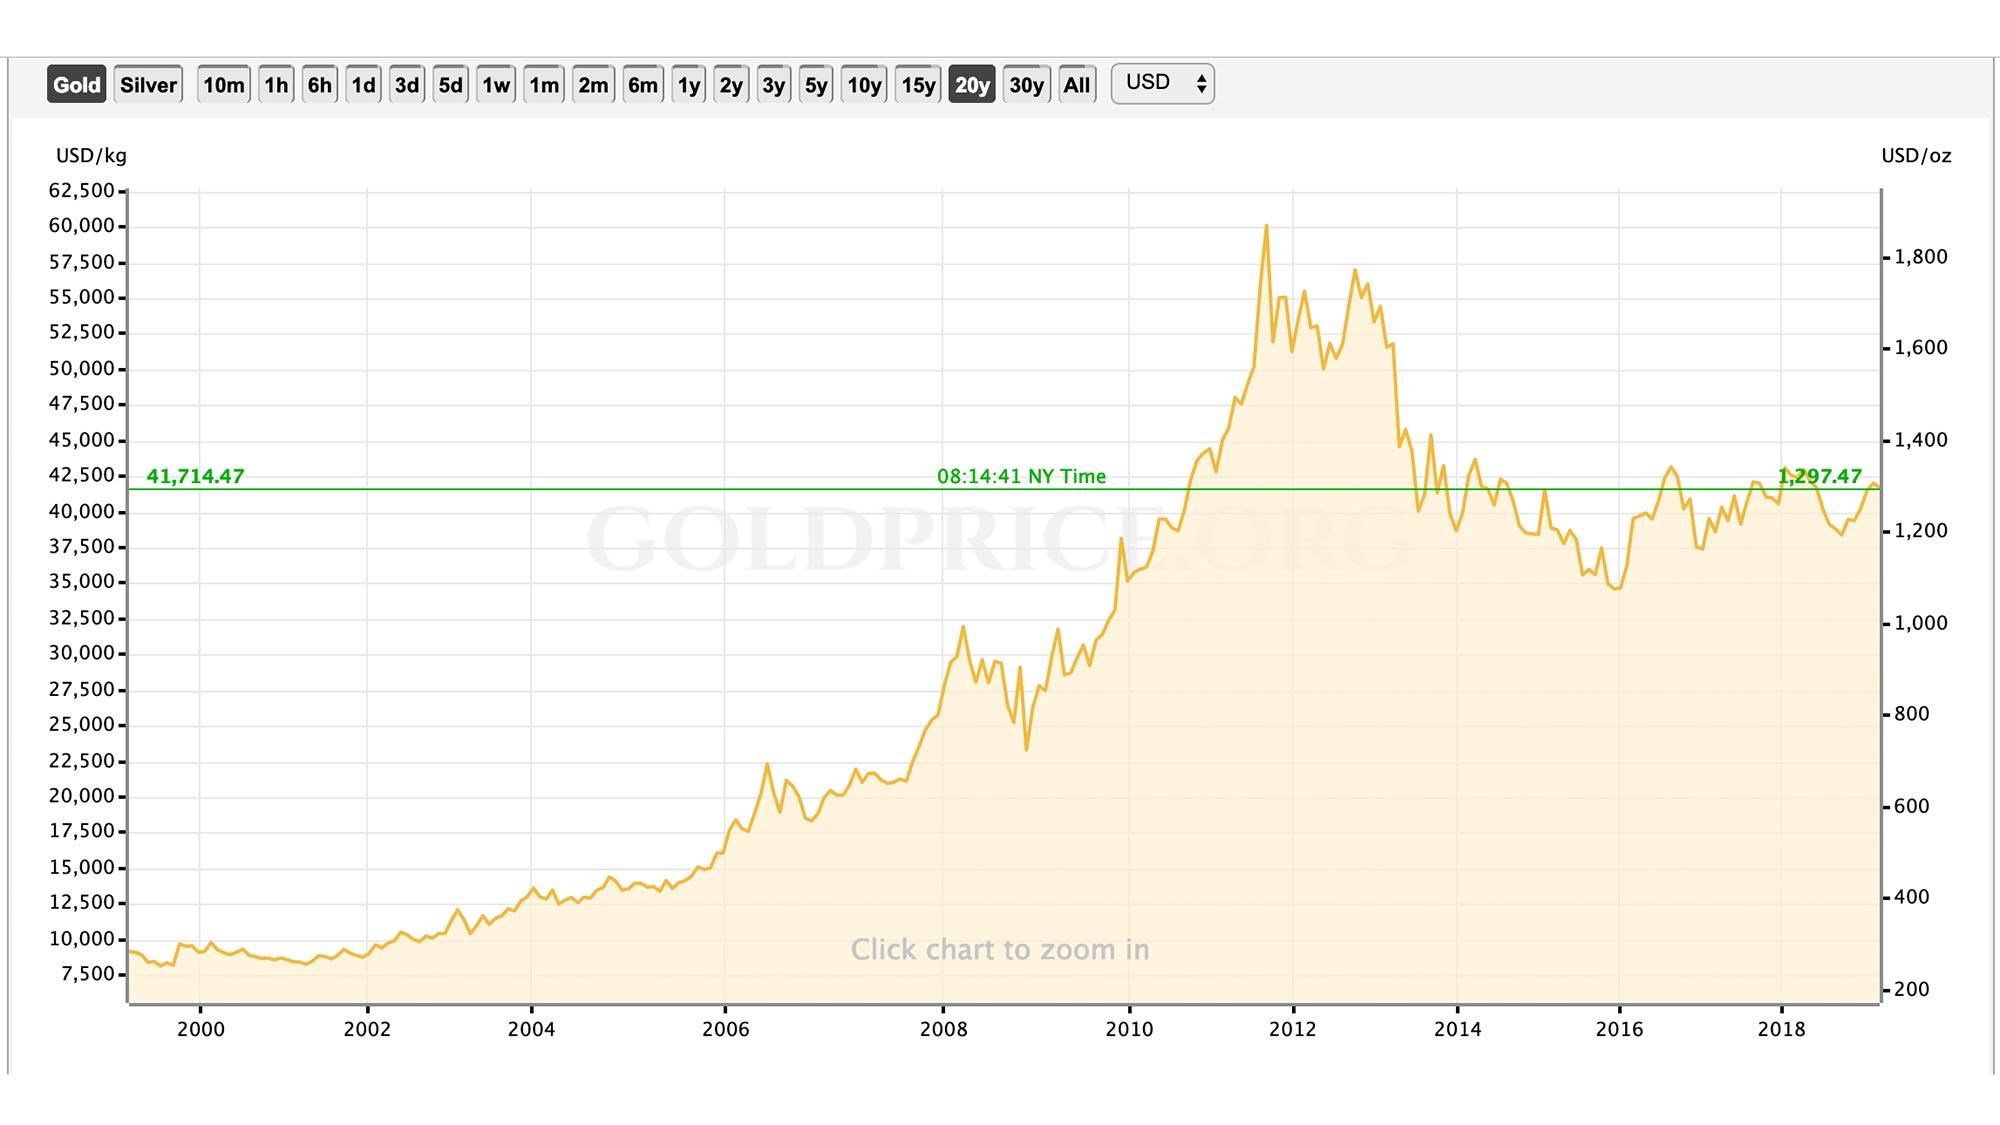 Goldpreisenwicklung der letzten 20 Jahre